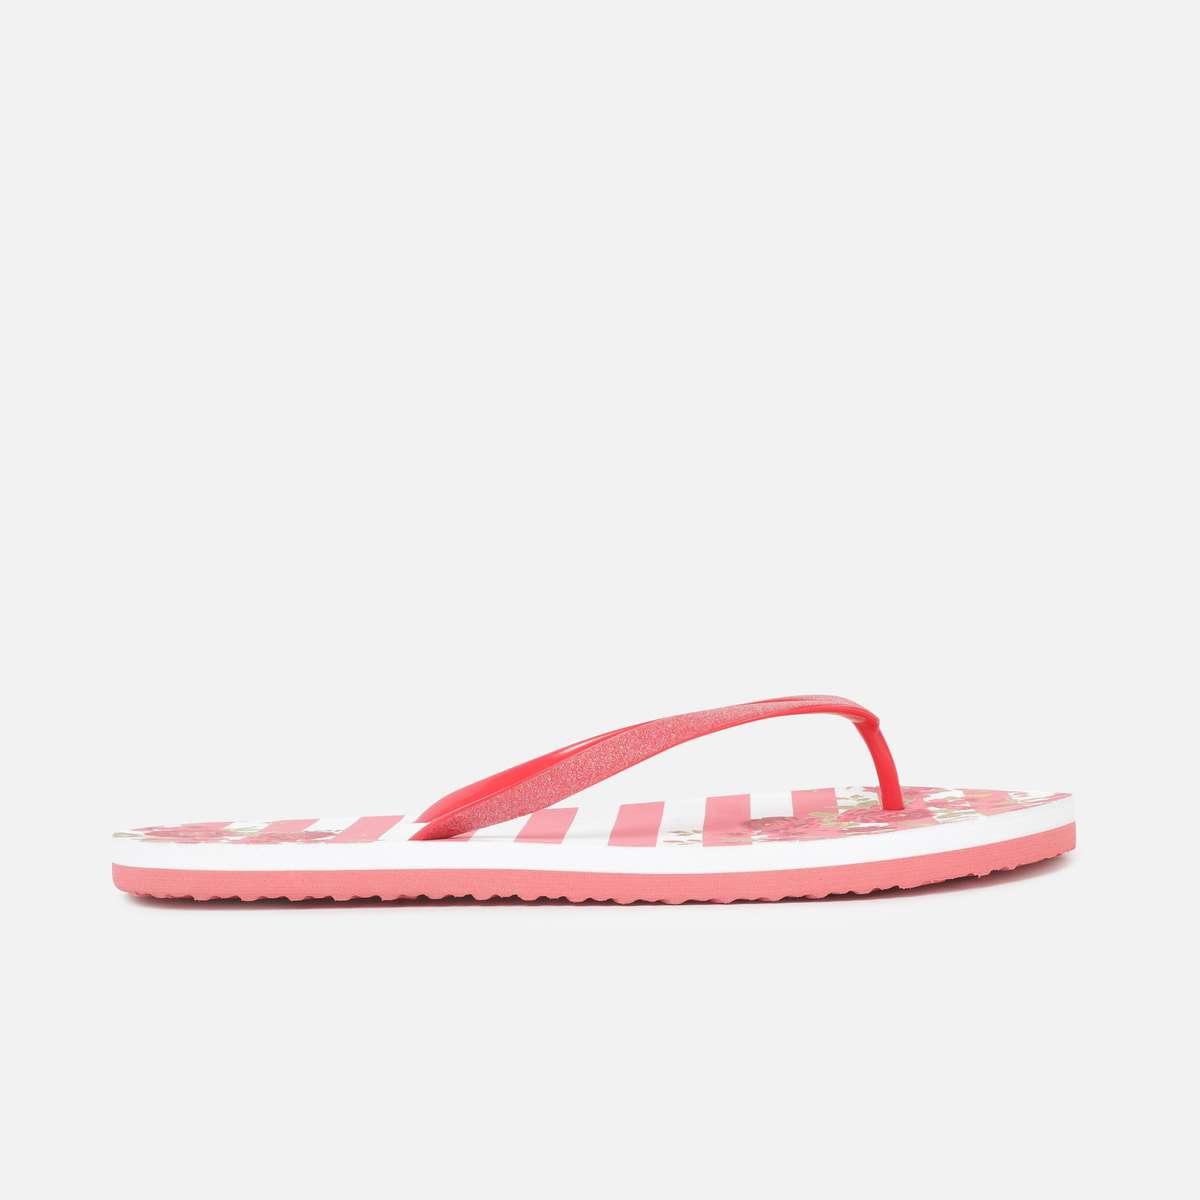 3.GINGER Women Printed V-strap Slippers